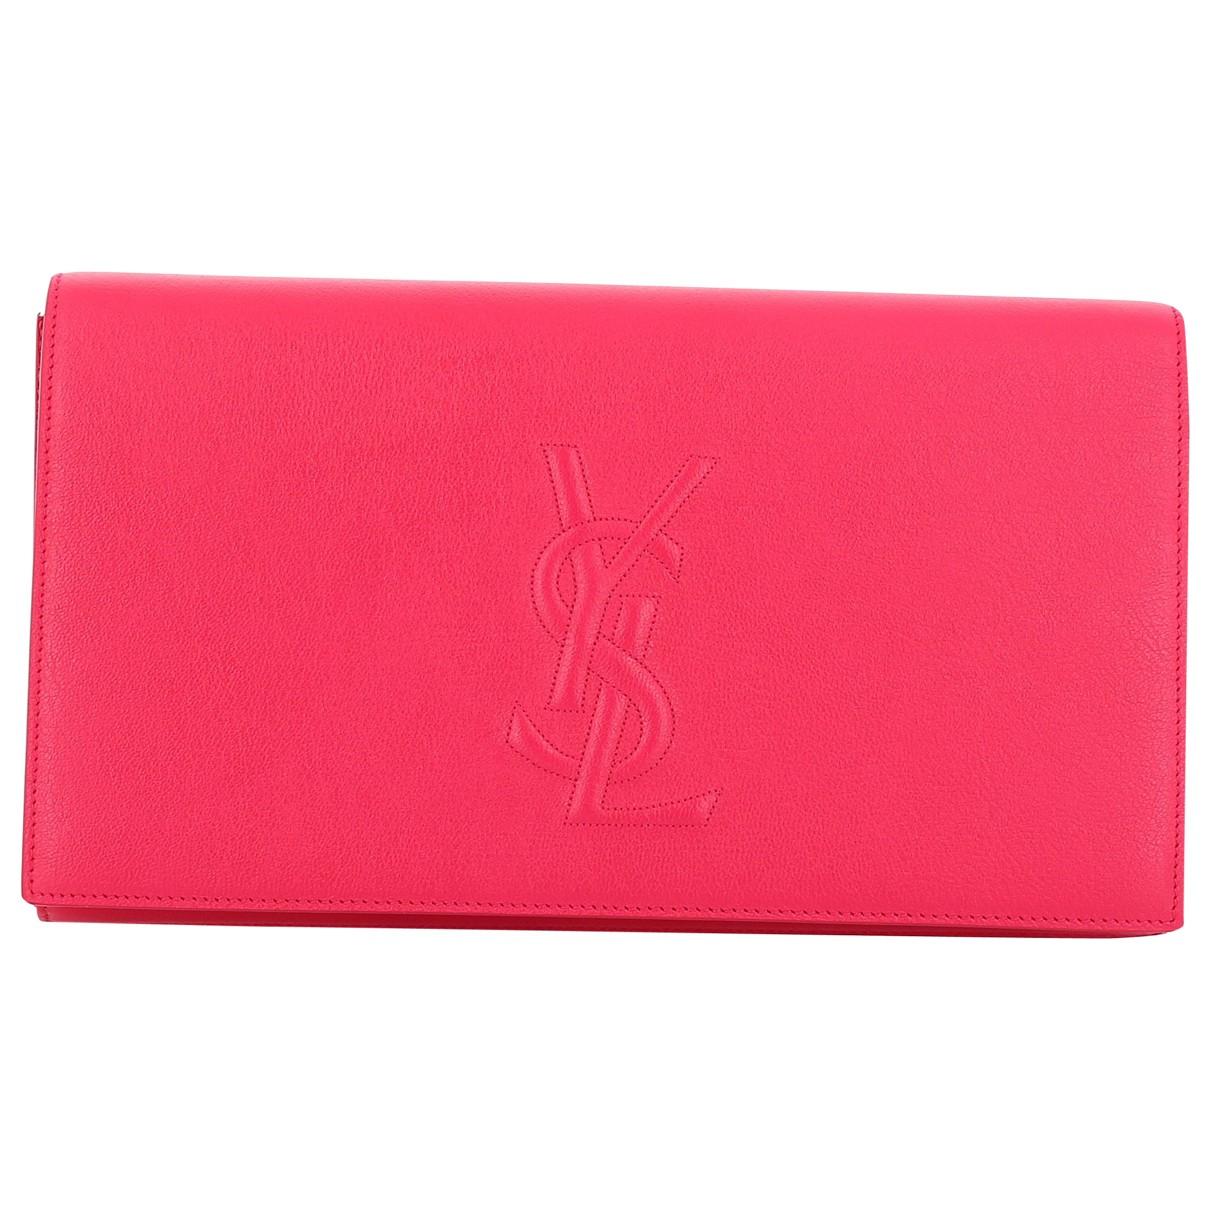 Yves Saint Laurent - Pochette Belle de Jour pour femme en cuir - rose